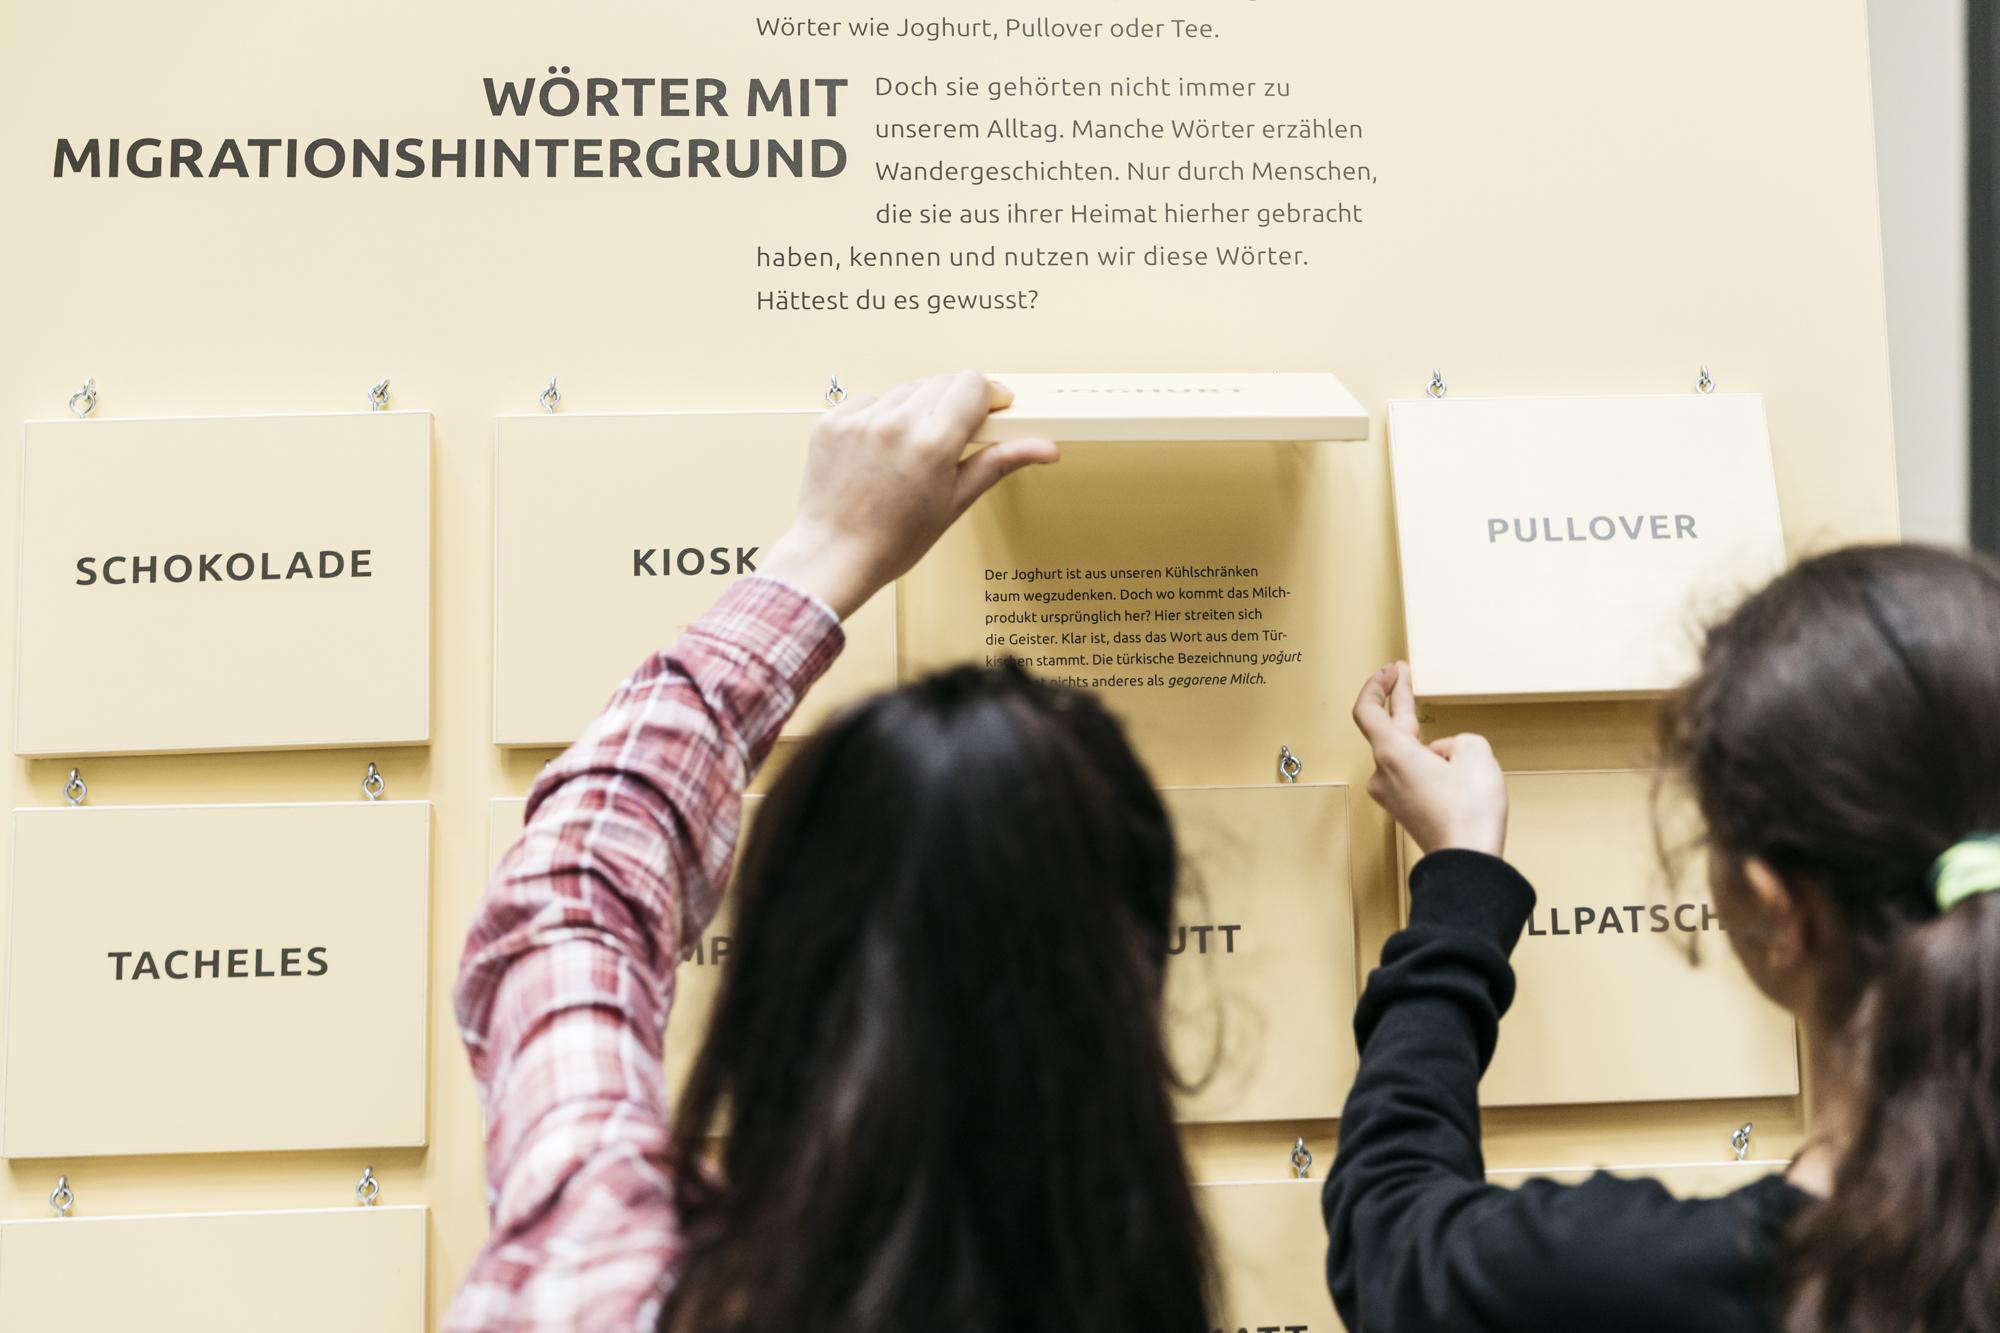 Zwei Jugendliche stehen vor einer interaktiven Ausstellungswand, bei der es um Wörter mit Migrationshintergrund geht.